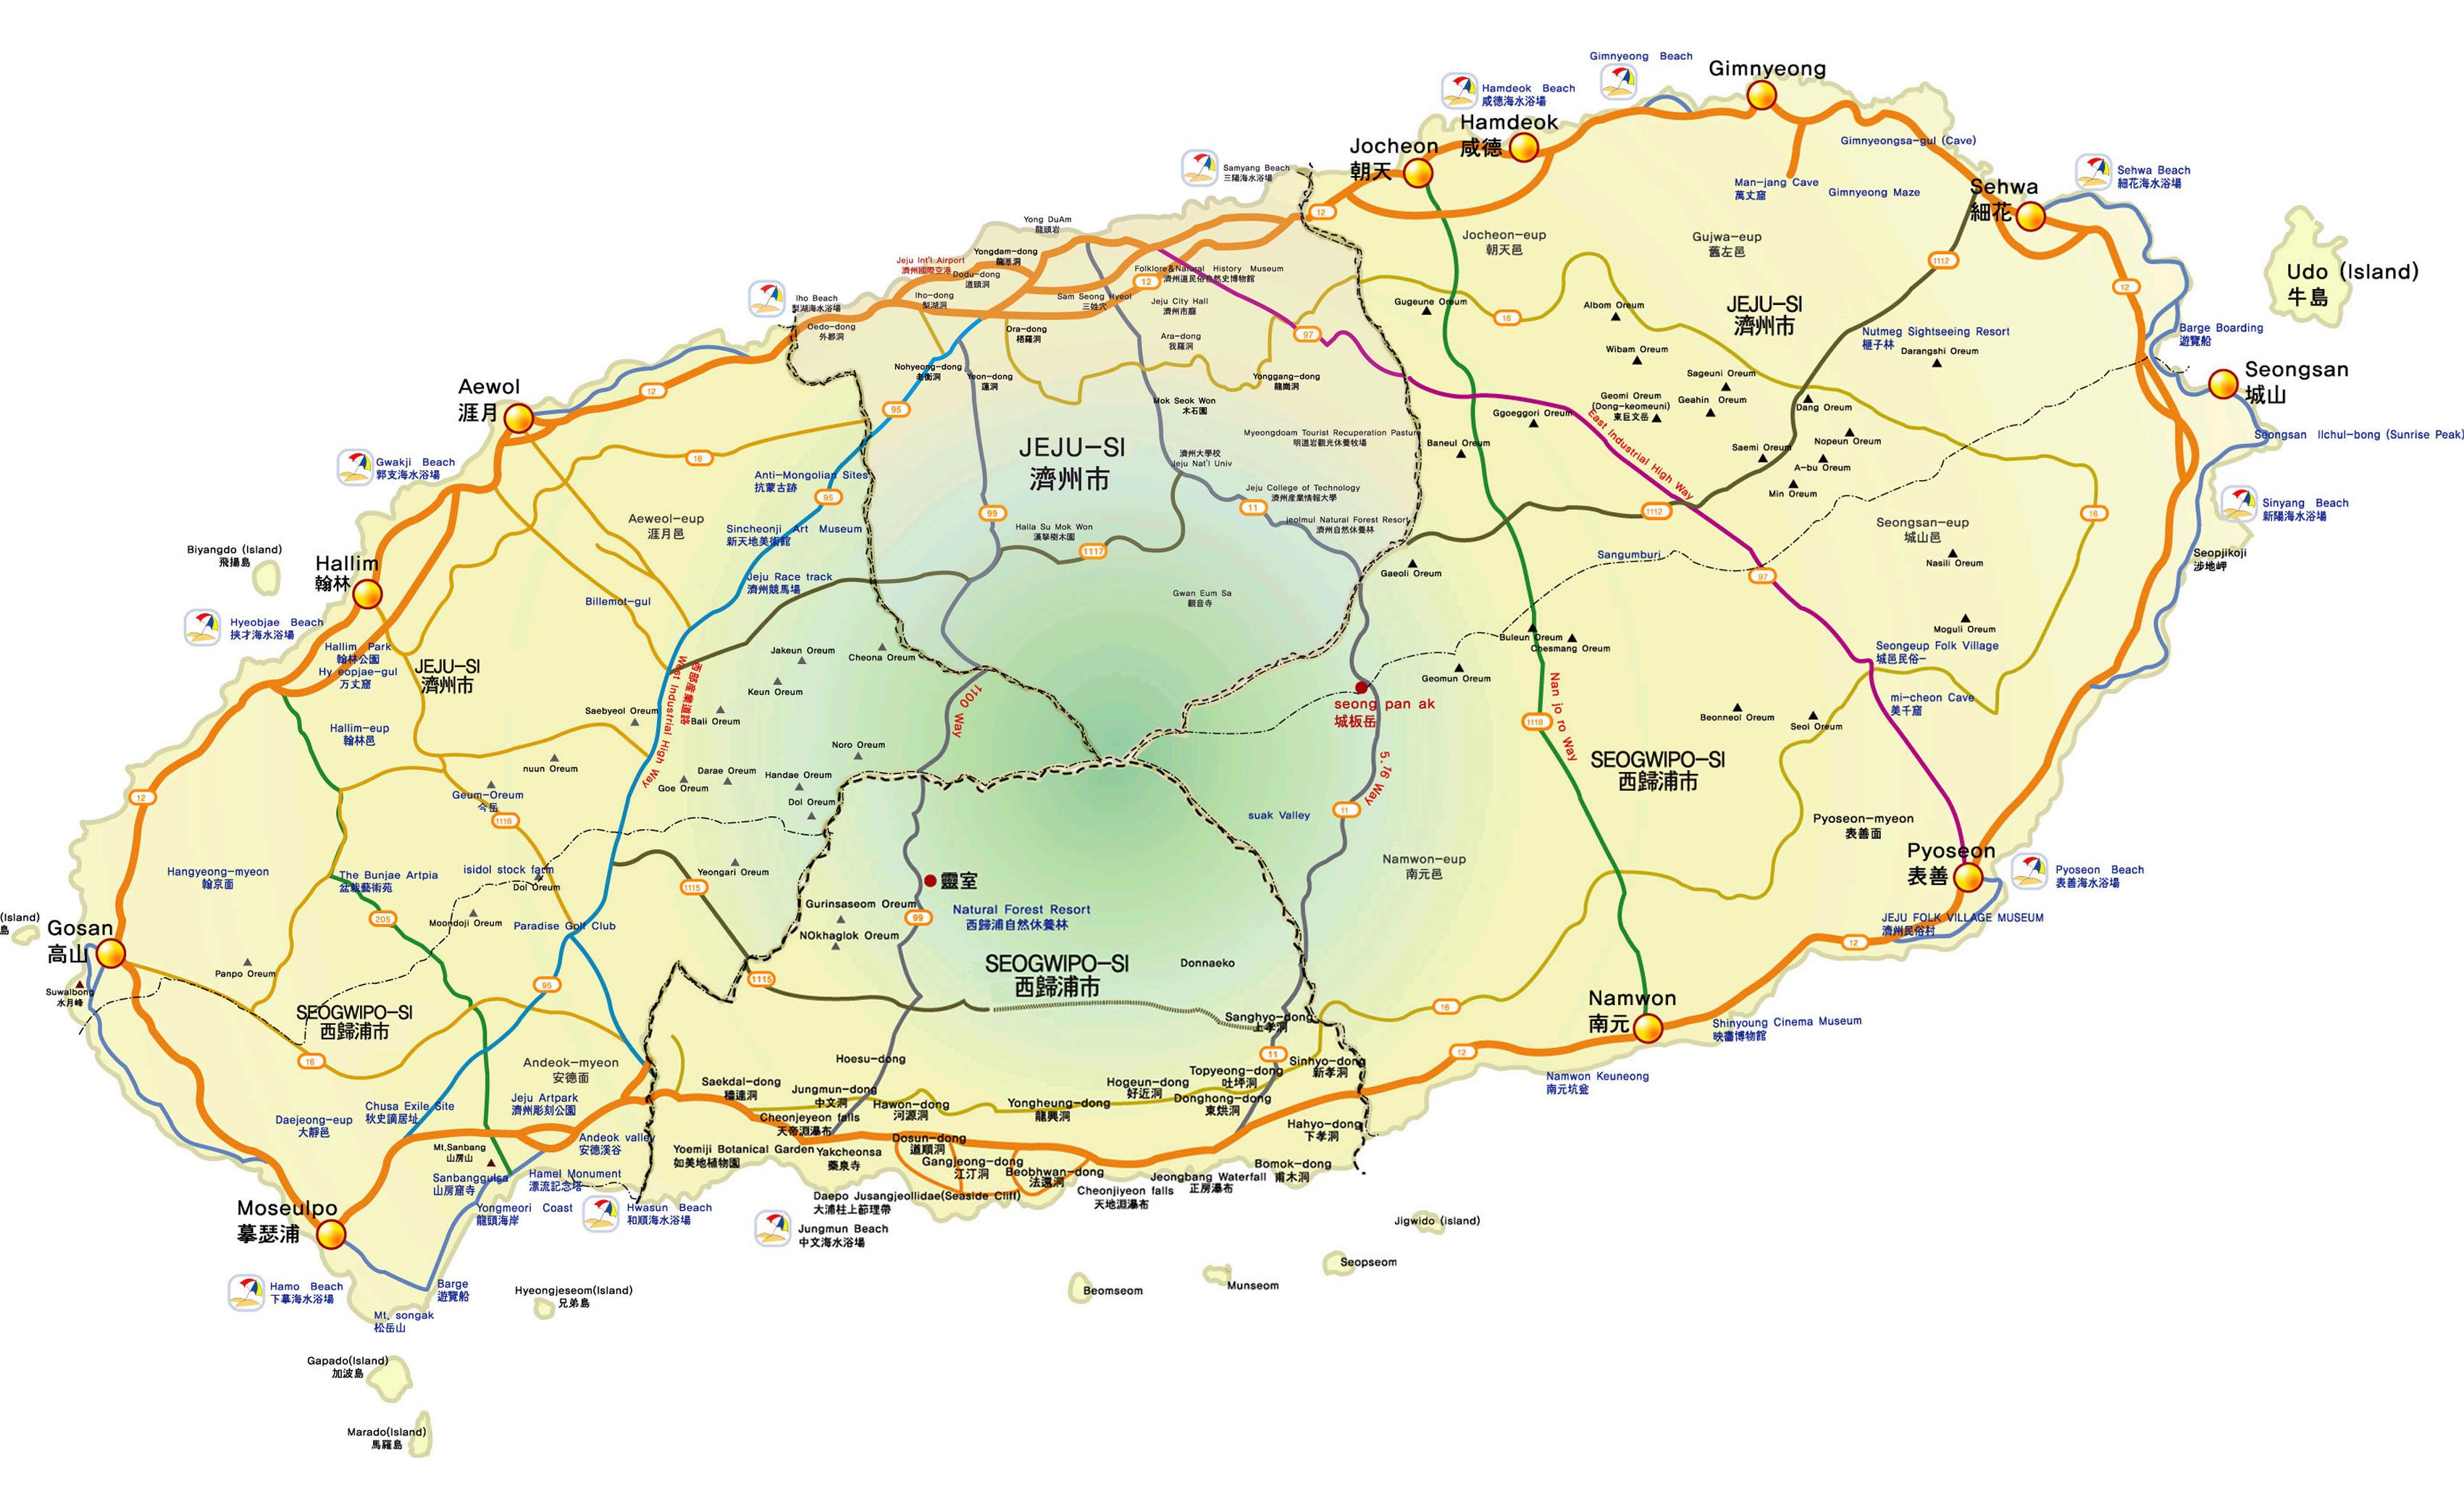 (我自己拼的济州岛粗略地图,是我在国内找到的最清楚的版本了)